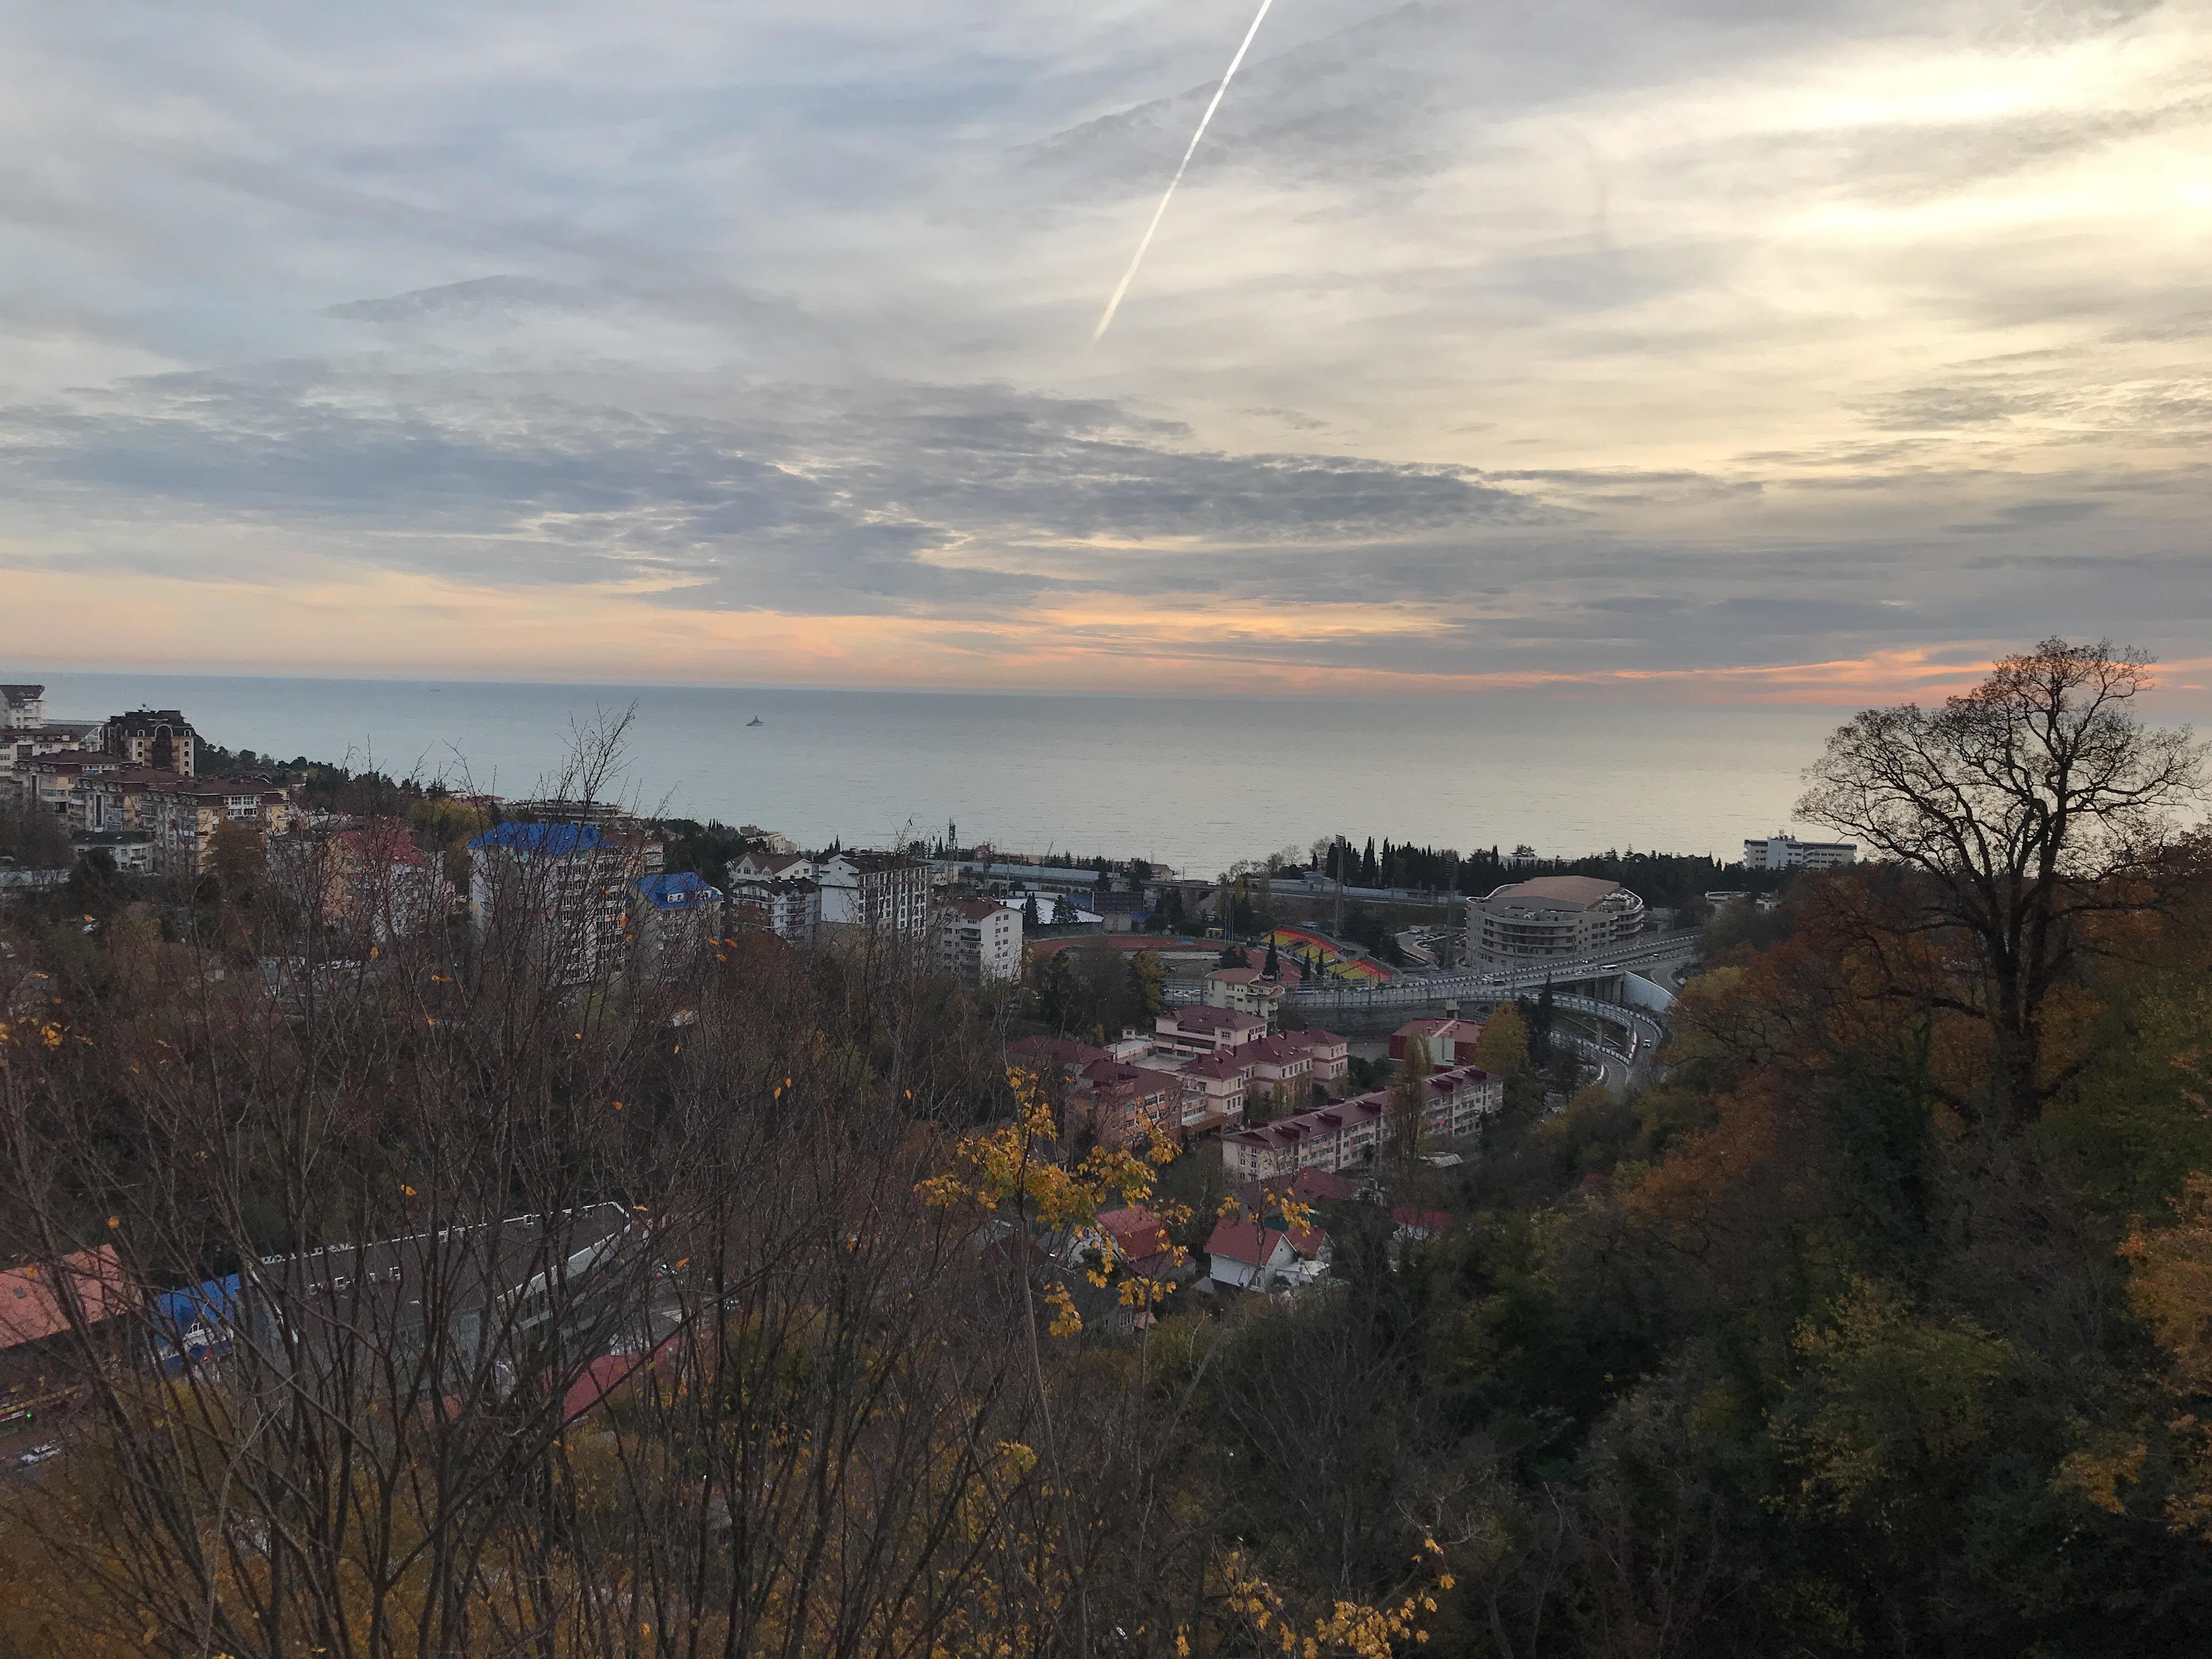 Vista aérea da região de Sochi que vai receber a Seleção Brasileira